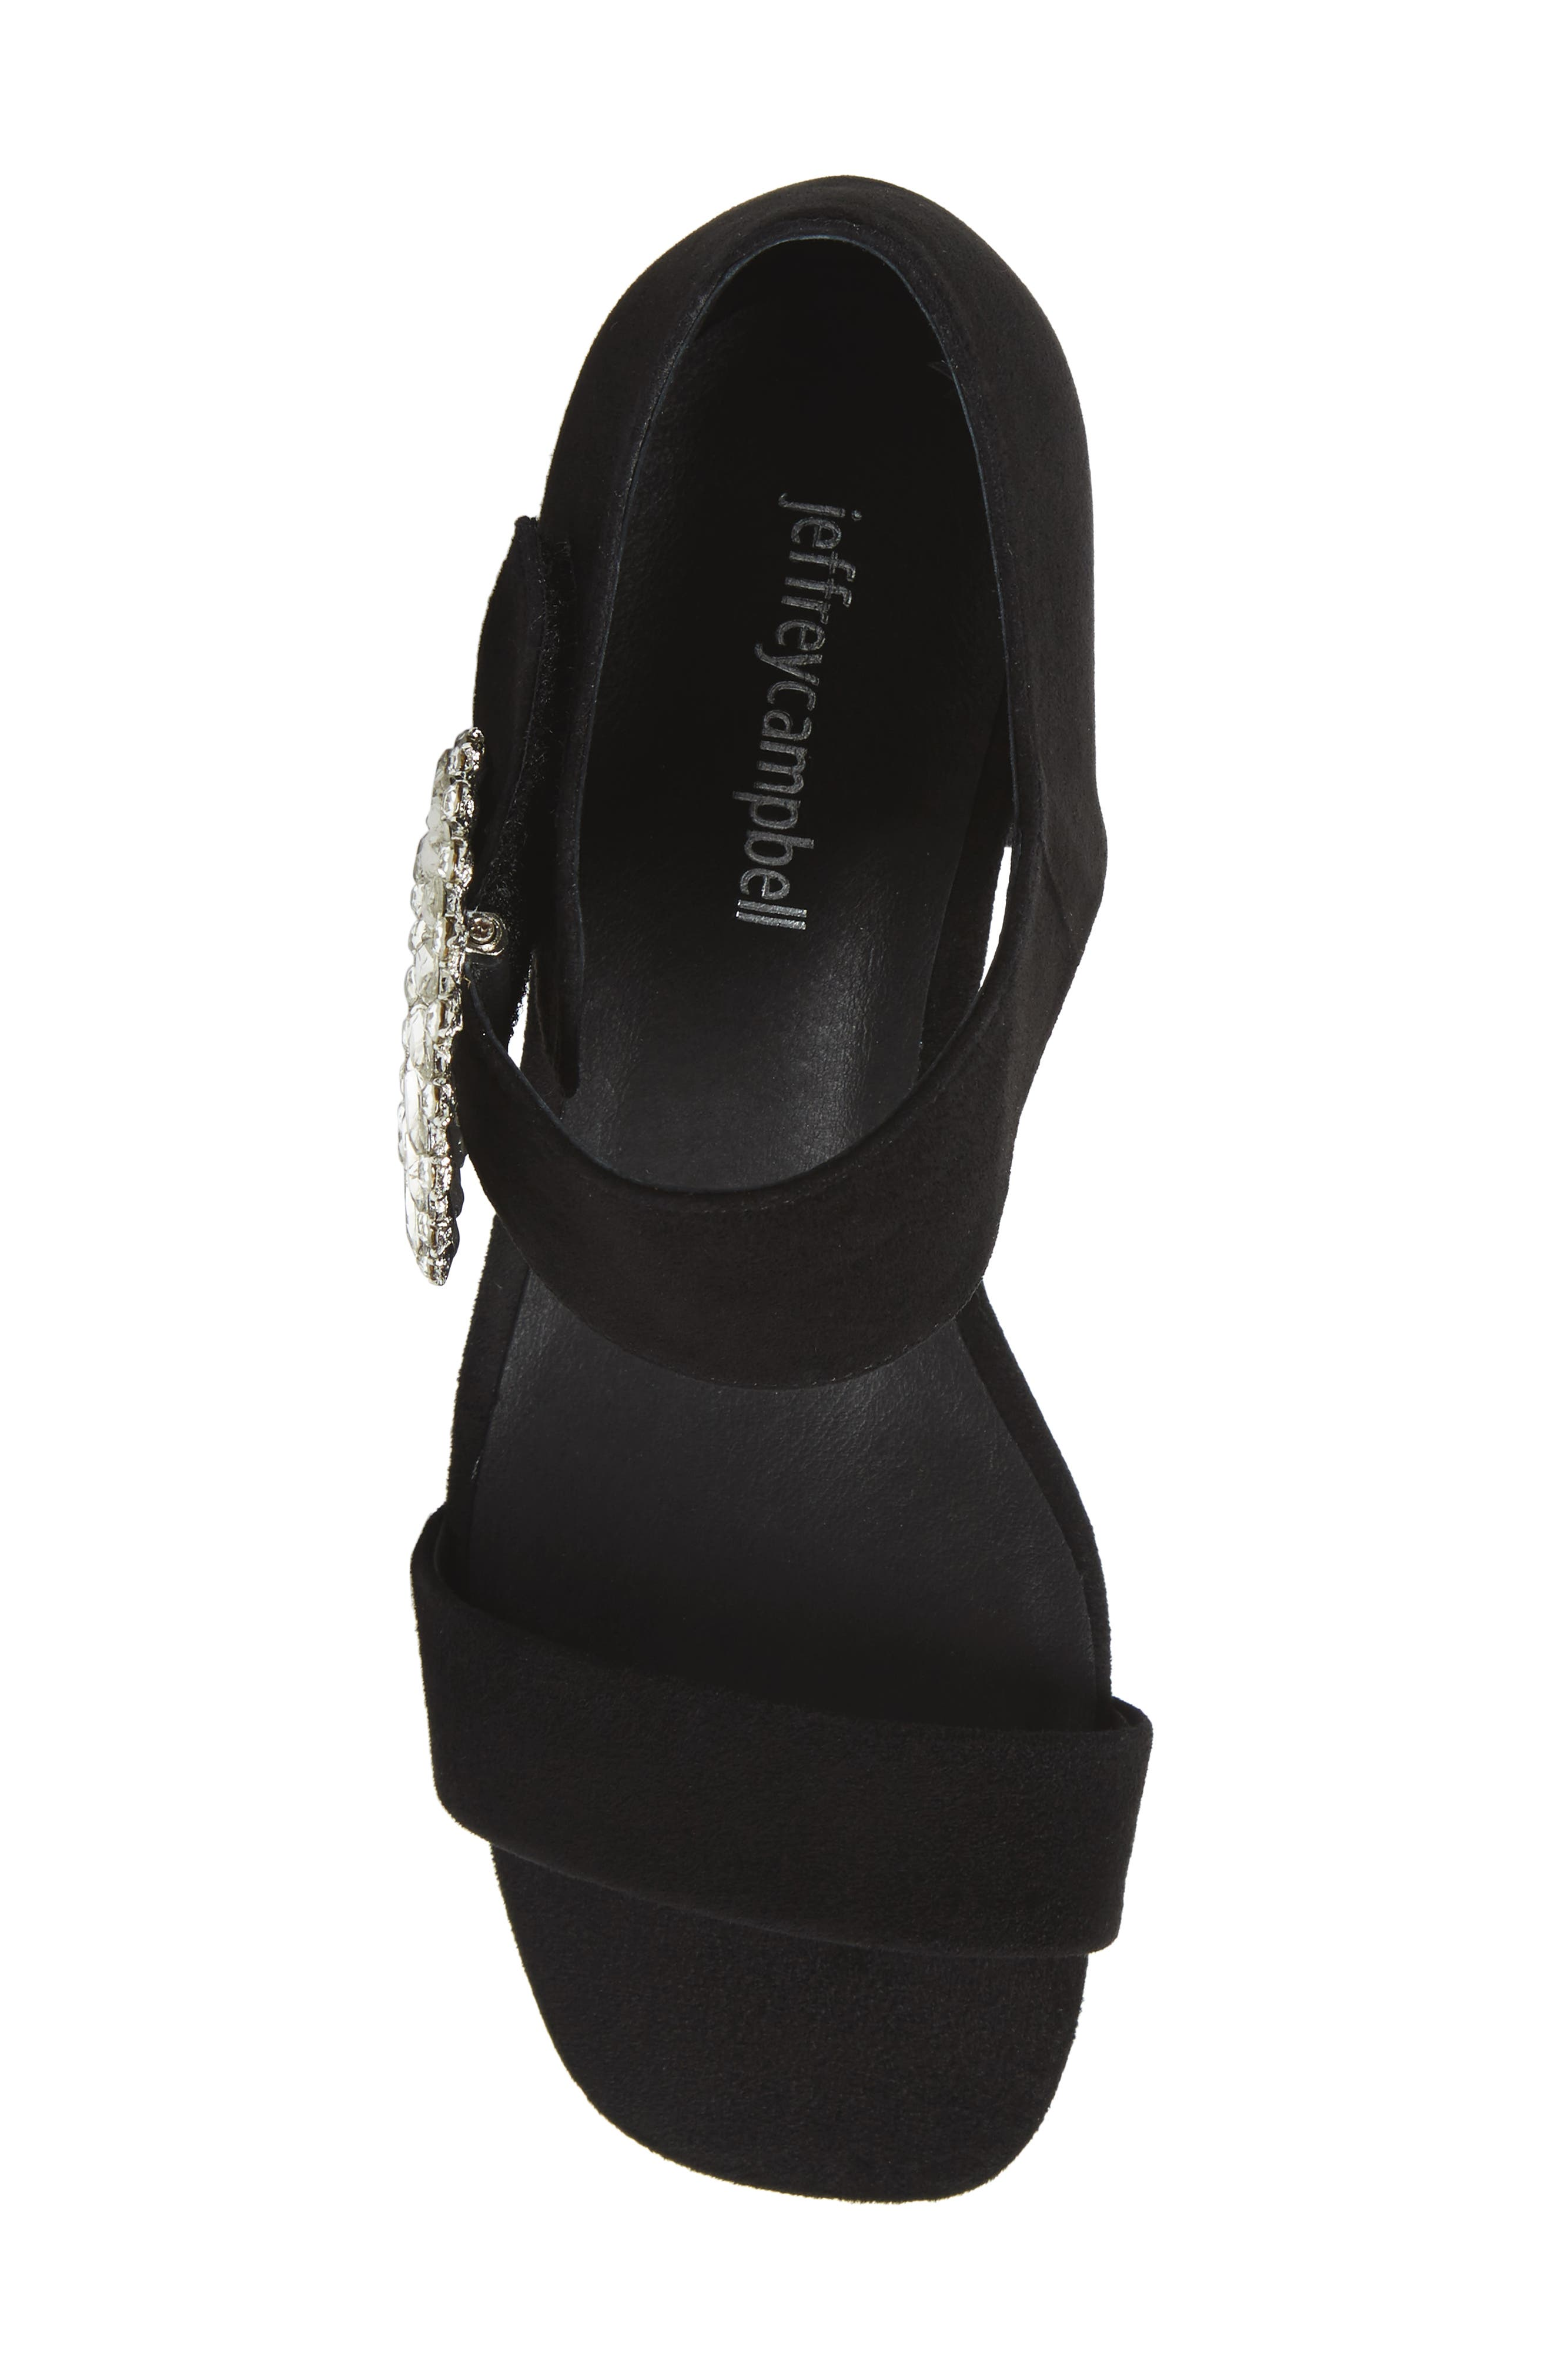 Kaylene Crystal Embellished Sandal,                             Alternate thumbnail 5, color,                             Black/ Silver Suede